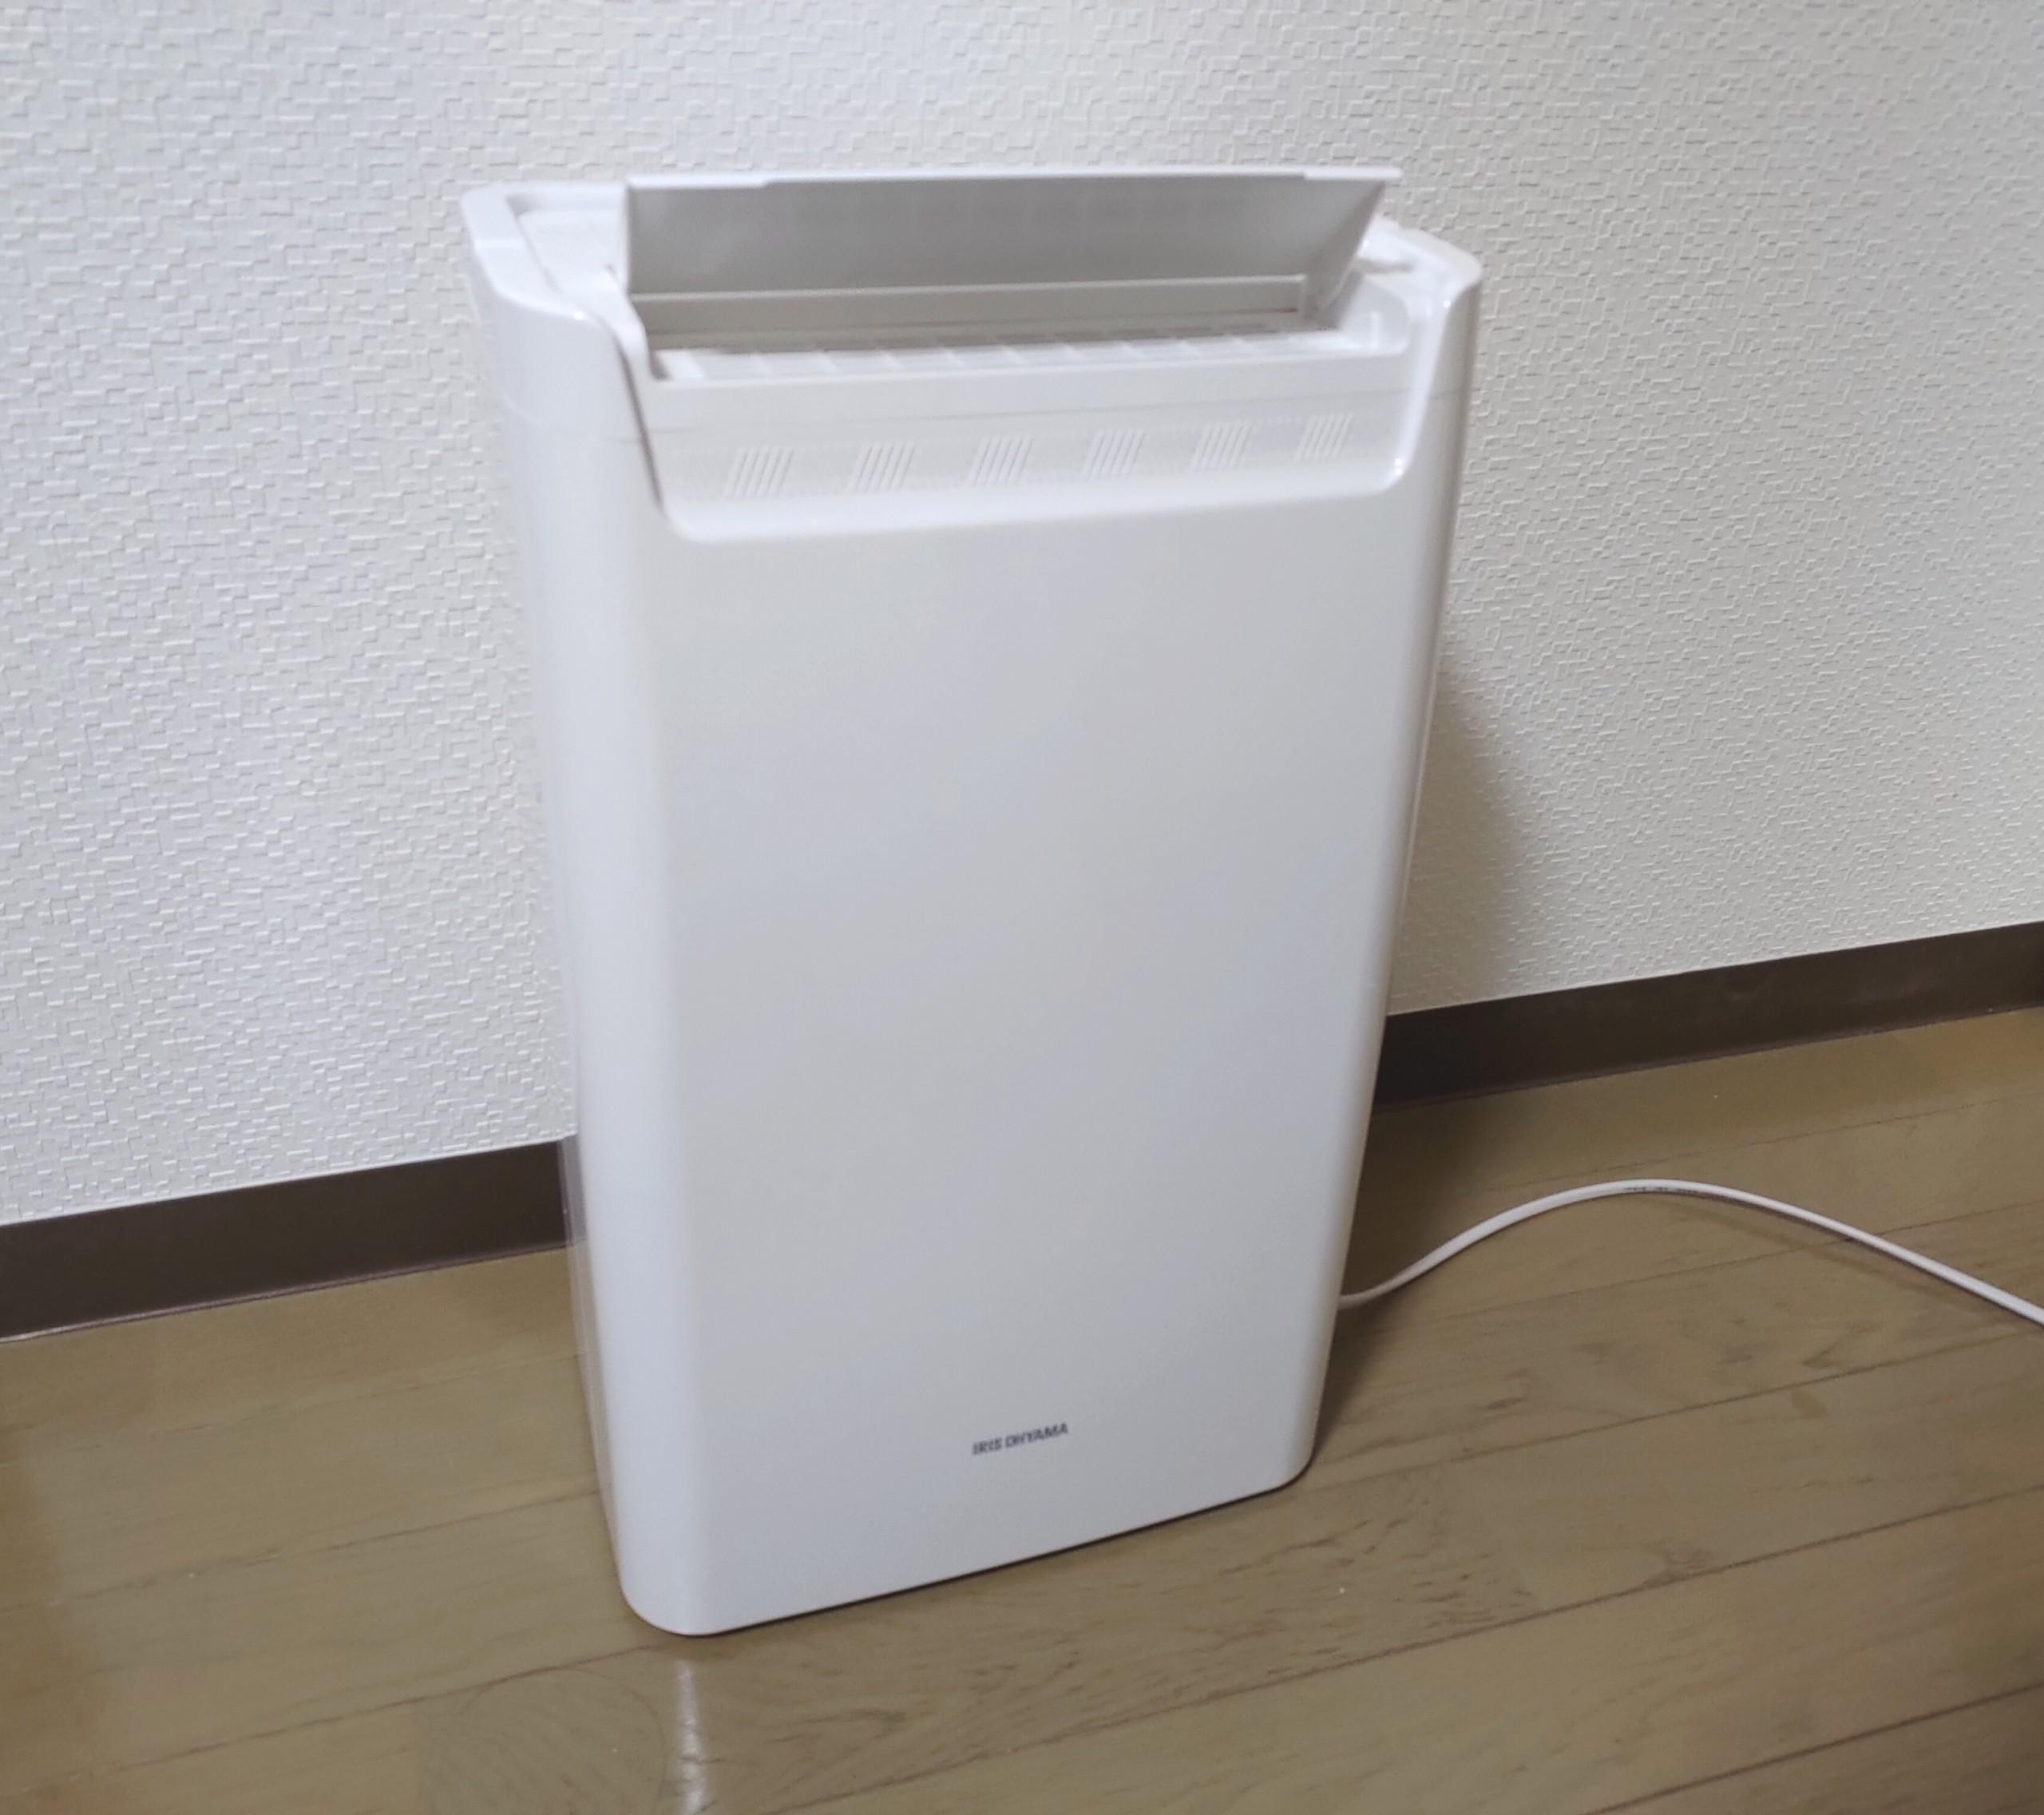 アイリスオーヤマ 衣類乾燥除湿機